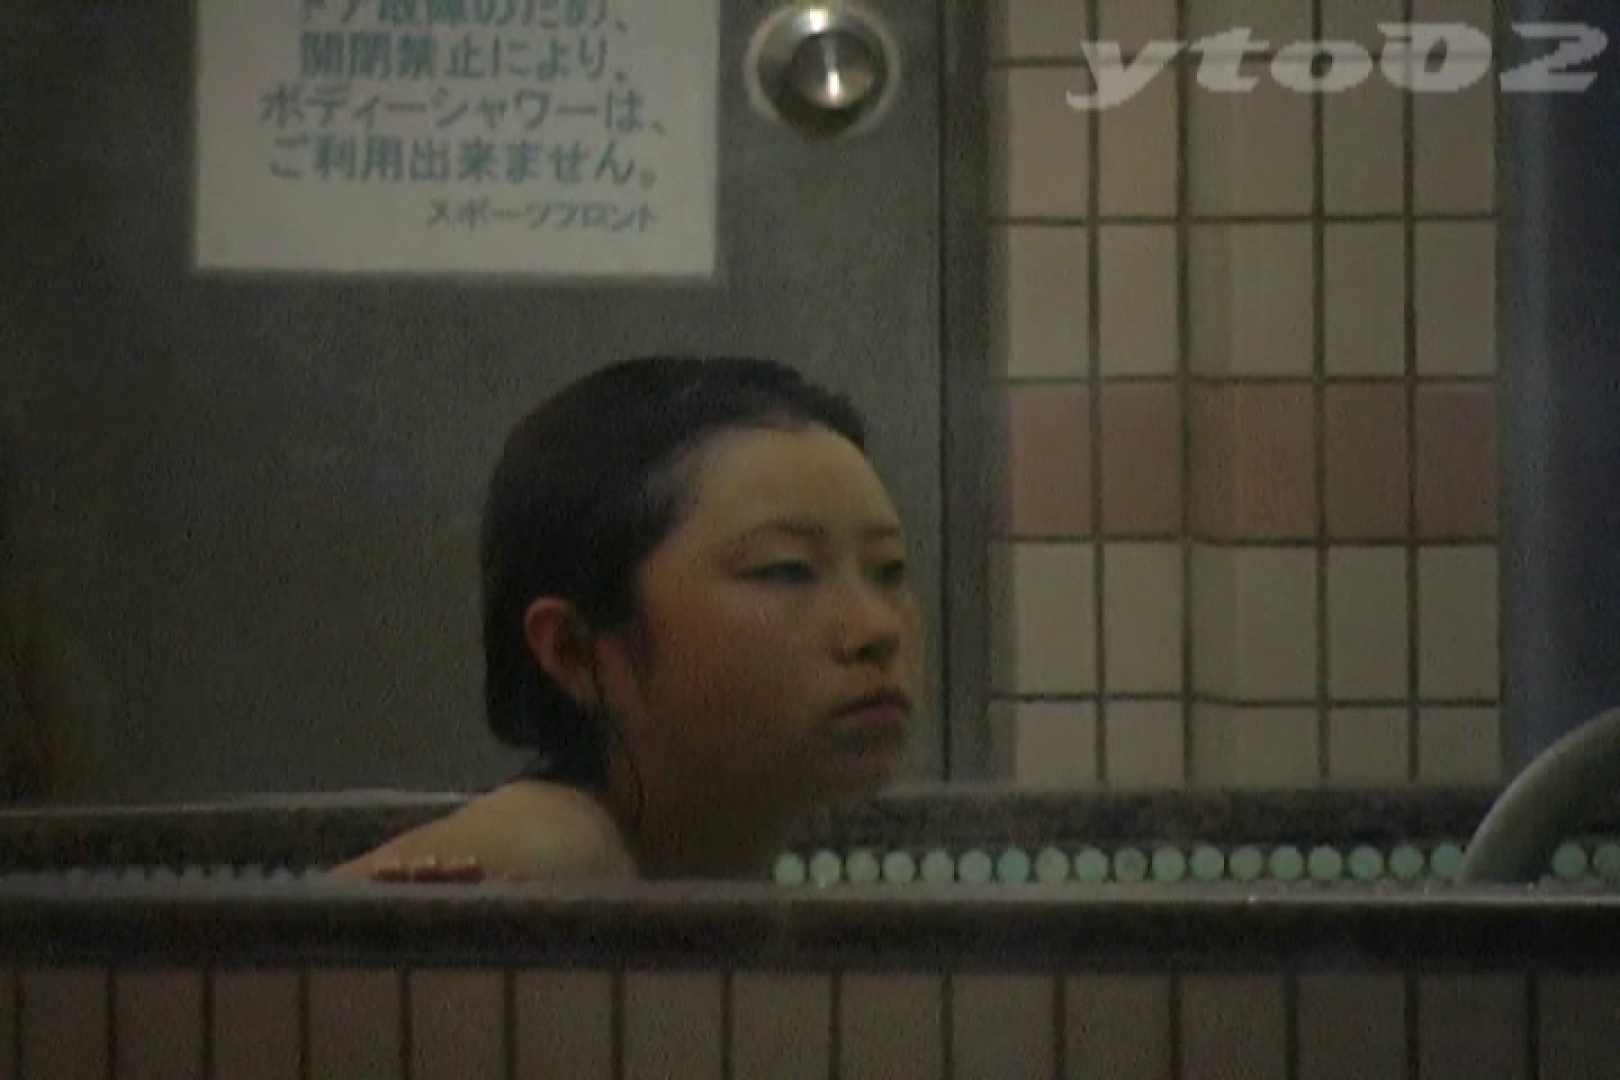 ▲復活限定▲合宿ホテル女風呂盗撮 Vol.14 ギャル攻め アダルト動画キャプチャ 95画像 10